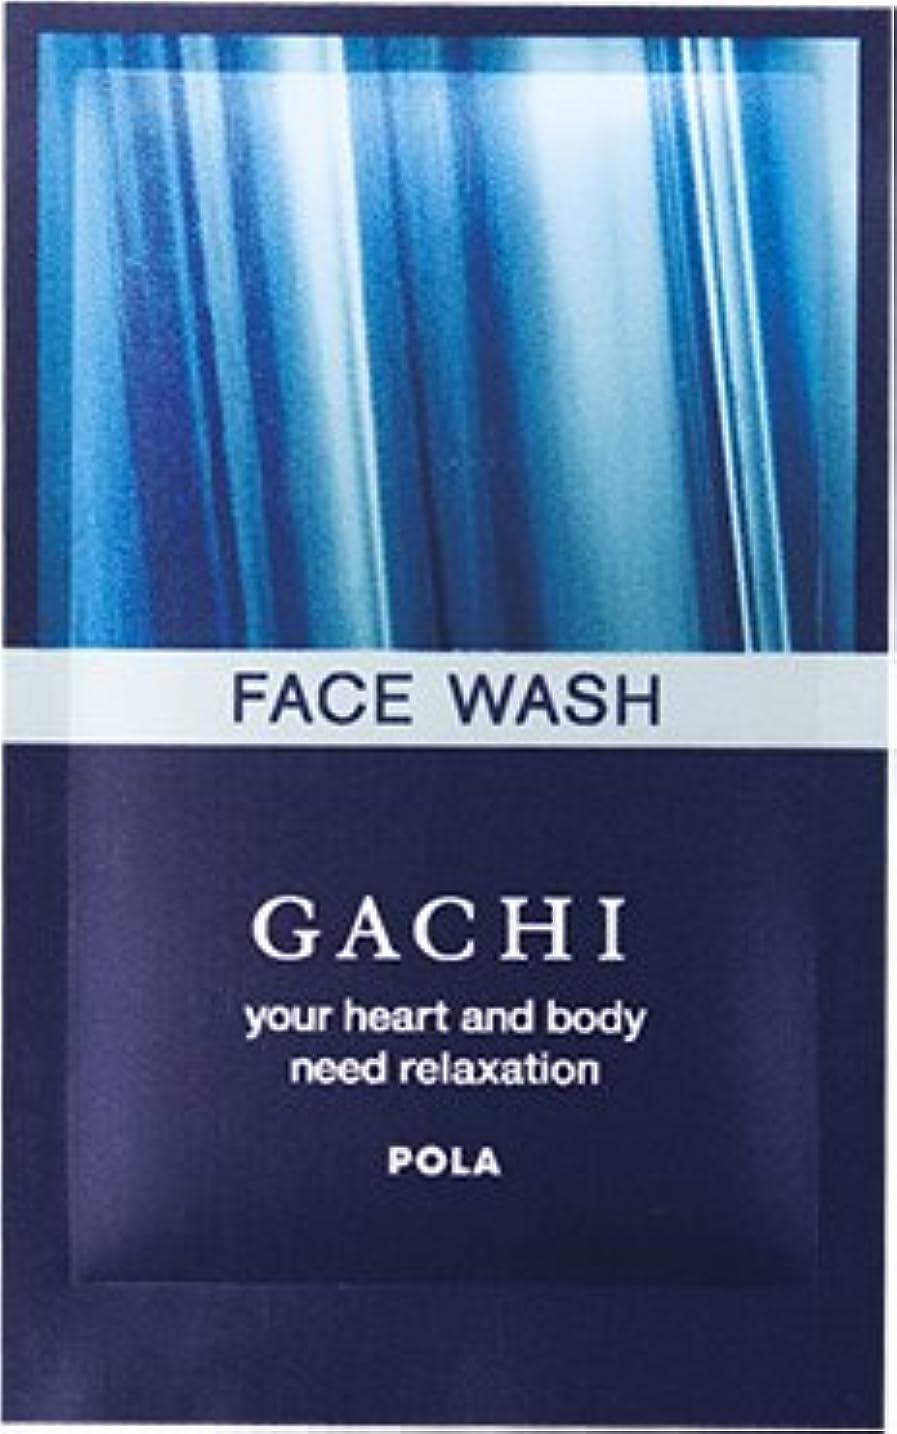 欠如薄いです庭園POLA(ポーラ) GACHI ガチ フェイスウォッシュ 洗顔料 業務用 パウチ ラミネート 400包